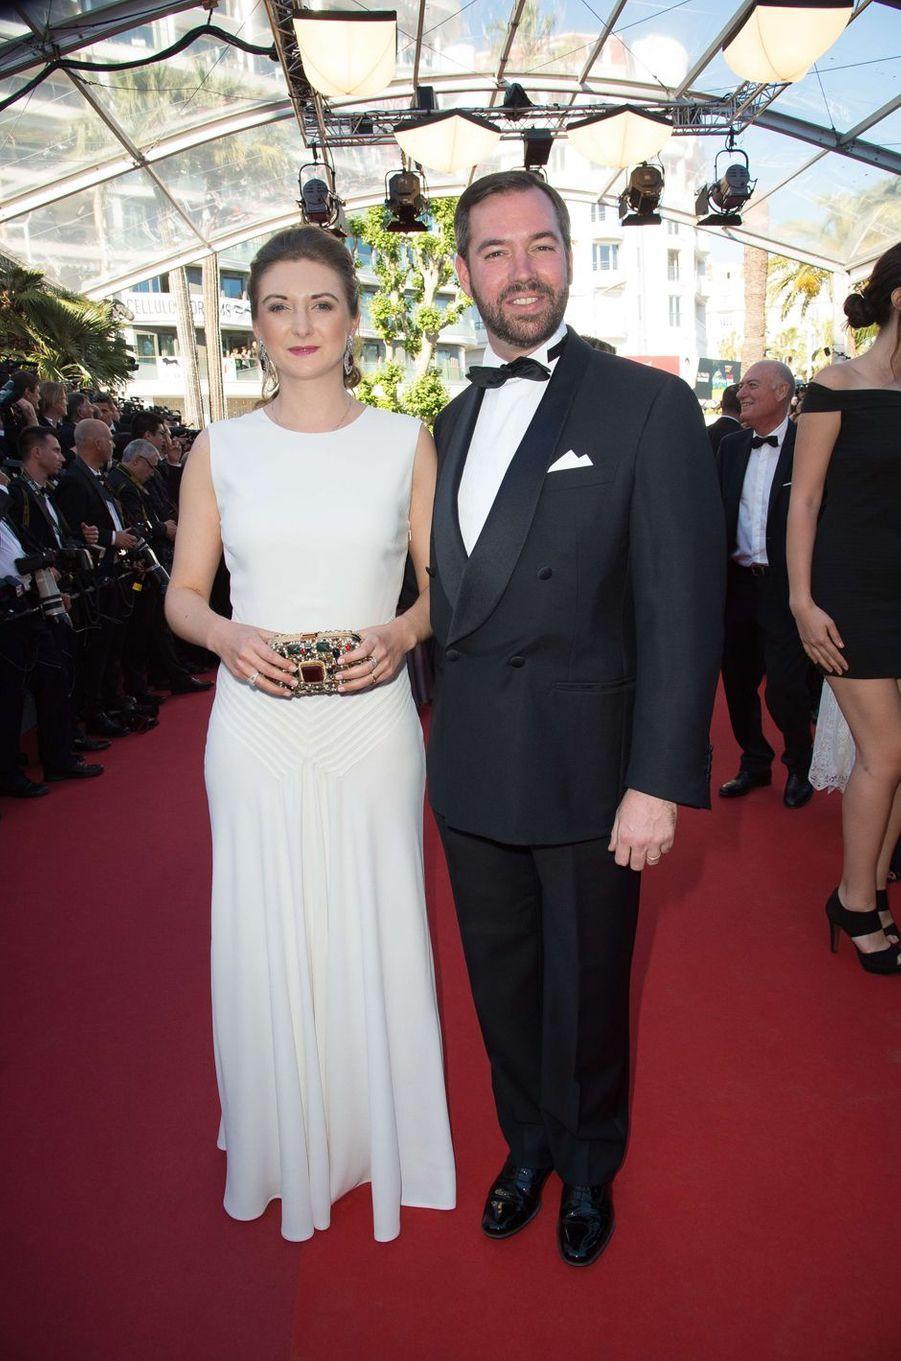 La princesse Stéphanie et le prince Guillaume de Luxembourg à Cannes, le 17 mai 2017